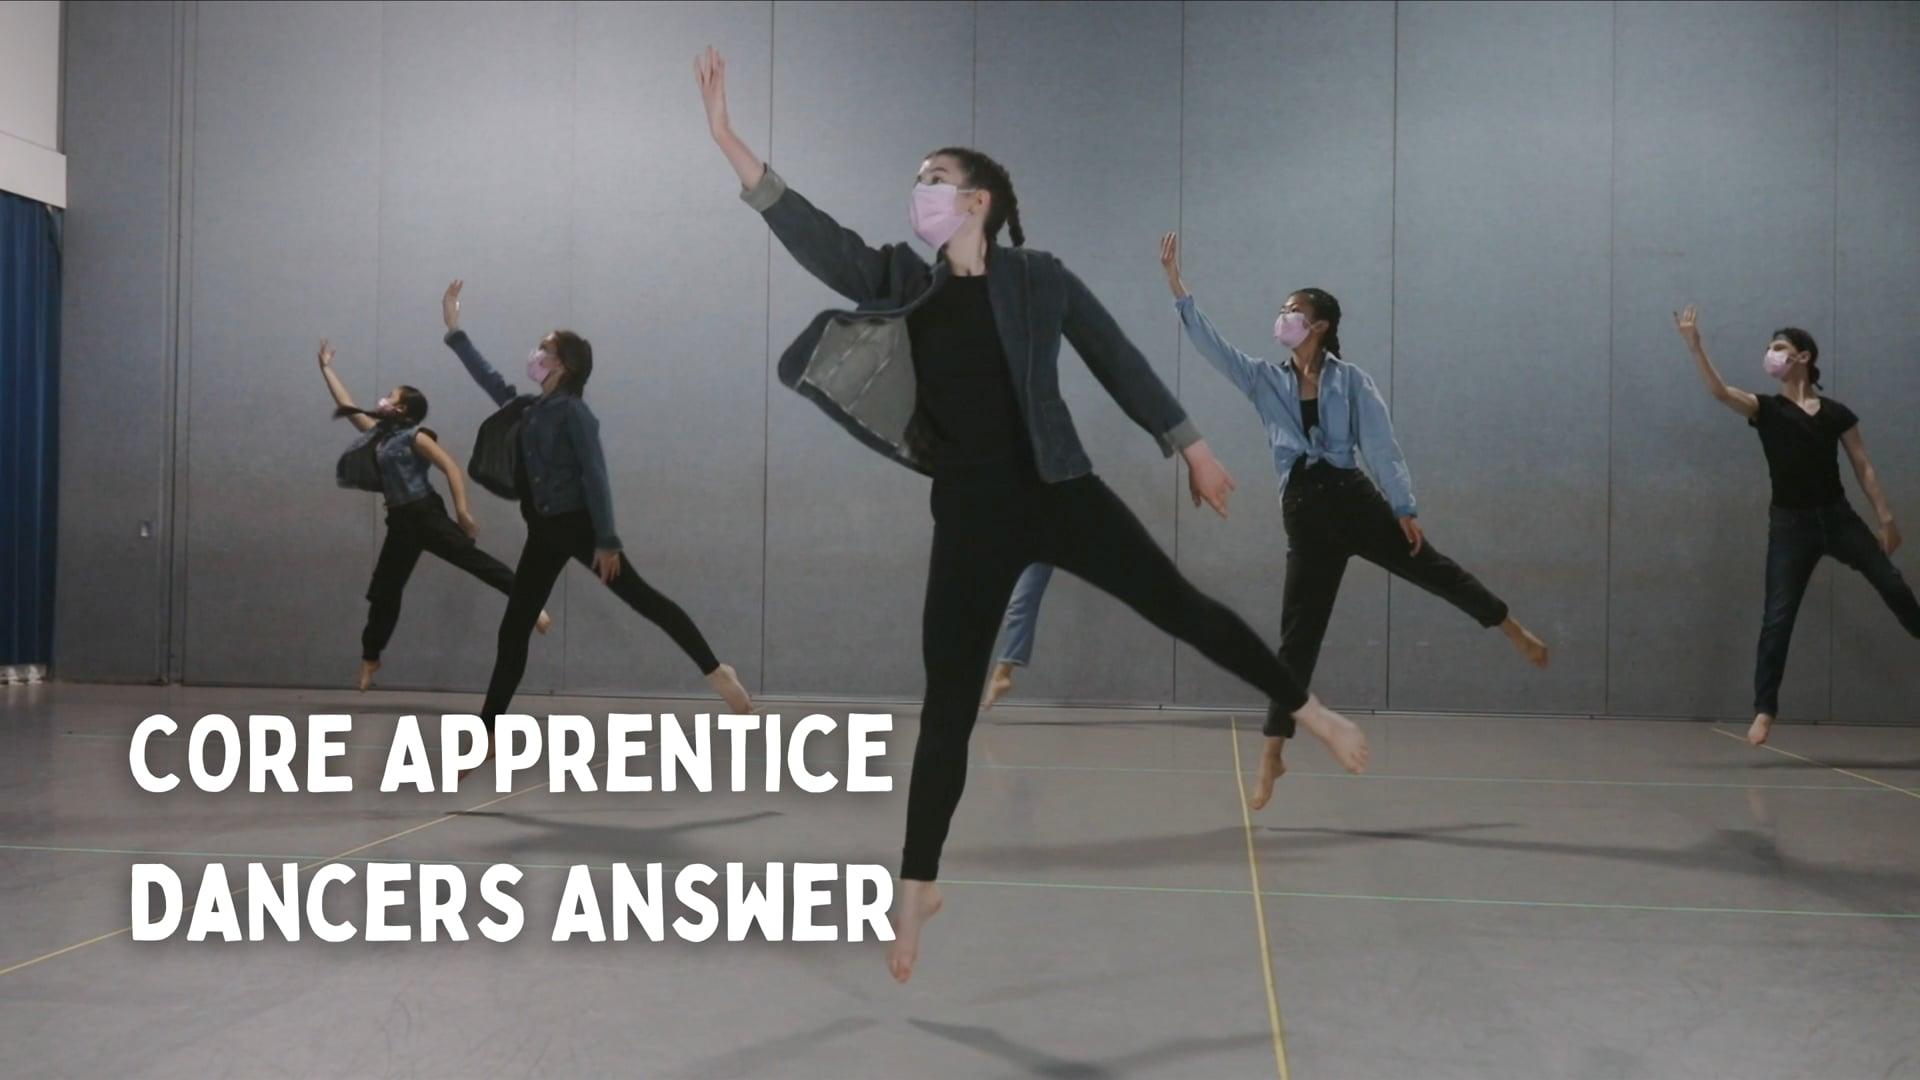 Core Apprentice Dancers Answer